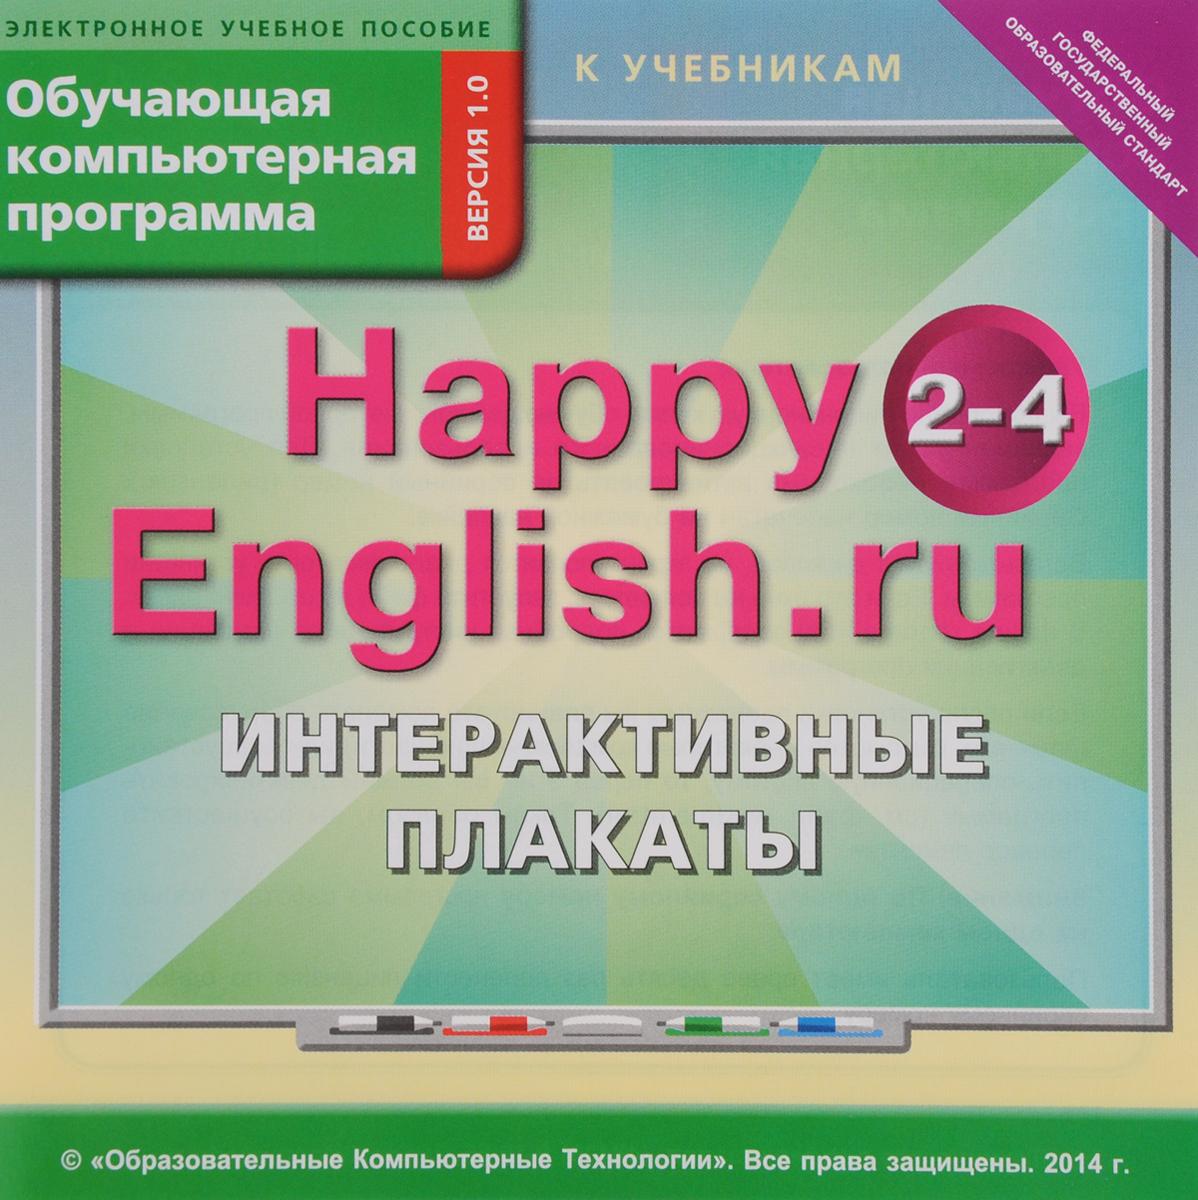 Happy E 2-4 / Счастливый английский.ру. класс. Интерактивные плакаты. Обучающая компьютерная программа